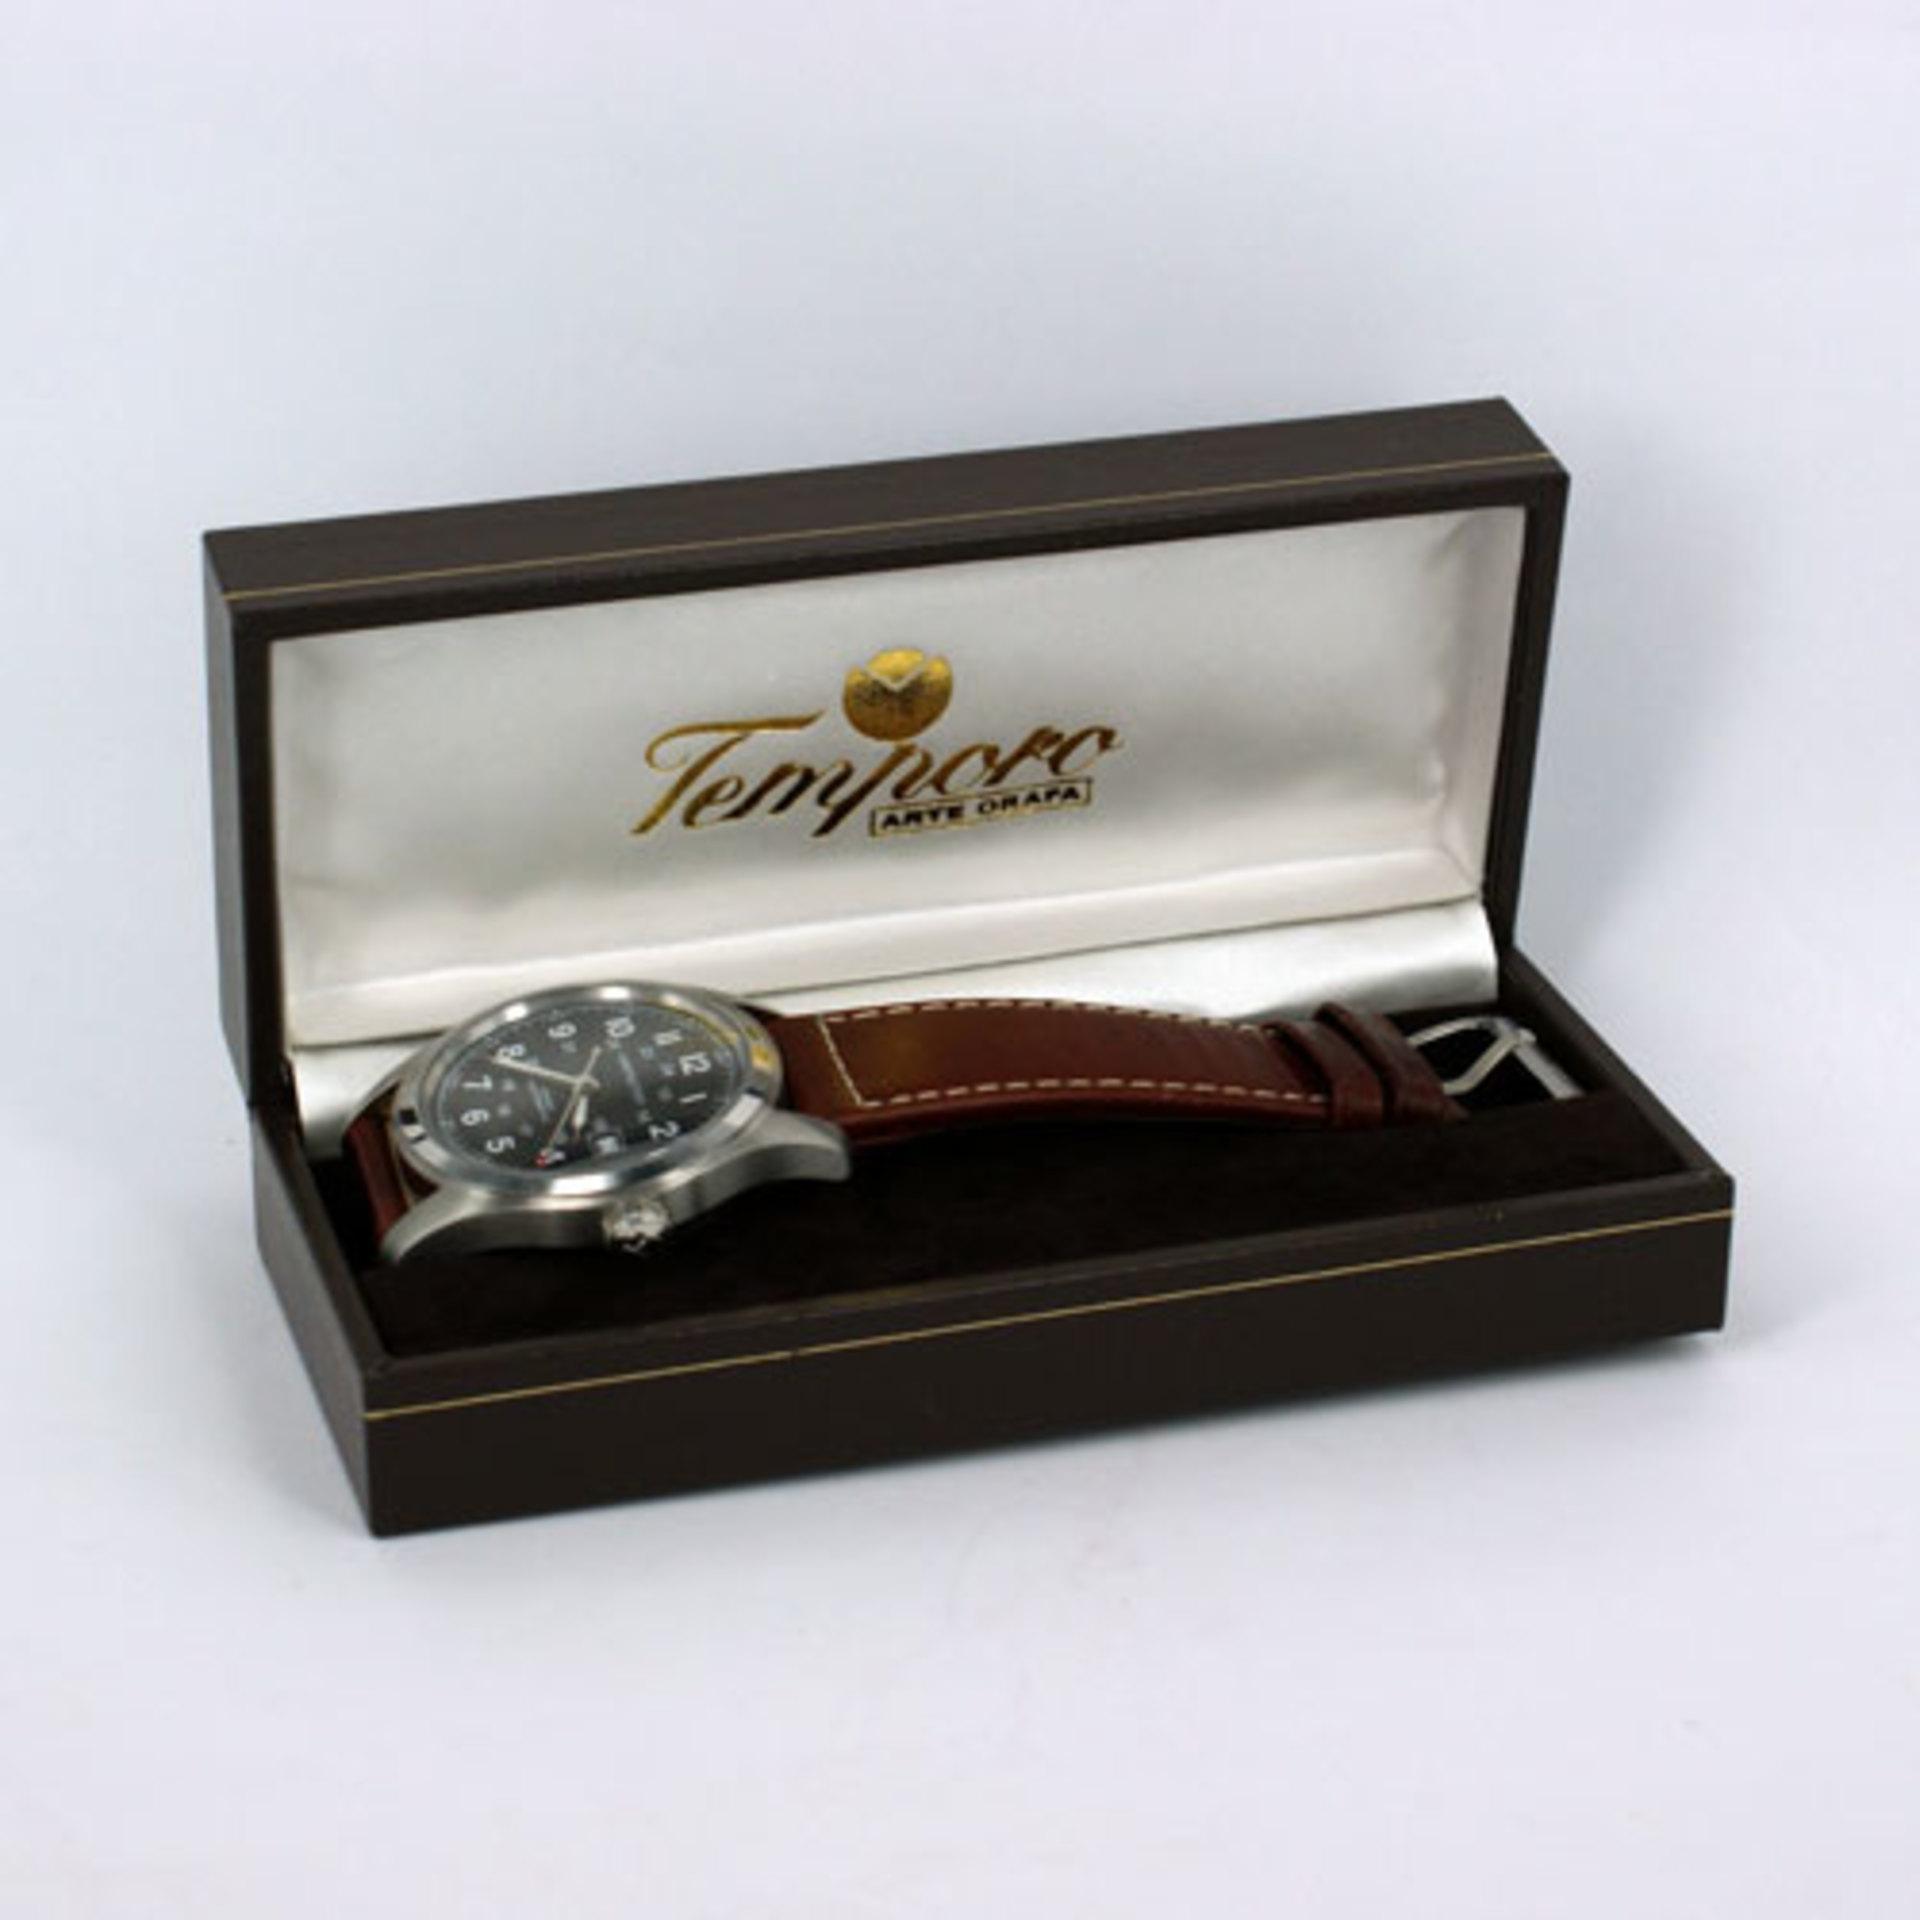 Porta orologi scatola retr temporo - Porta orologi uomo ...